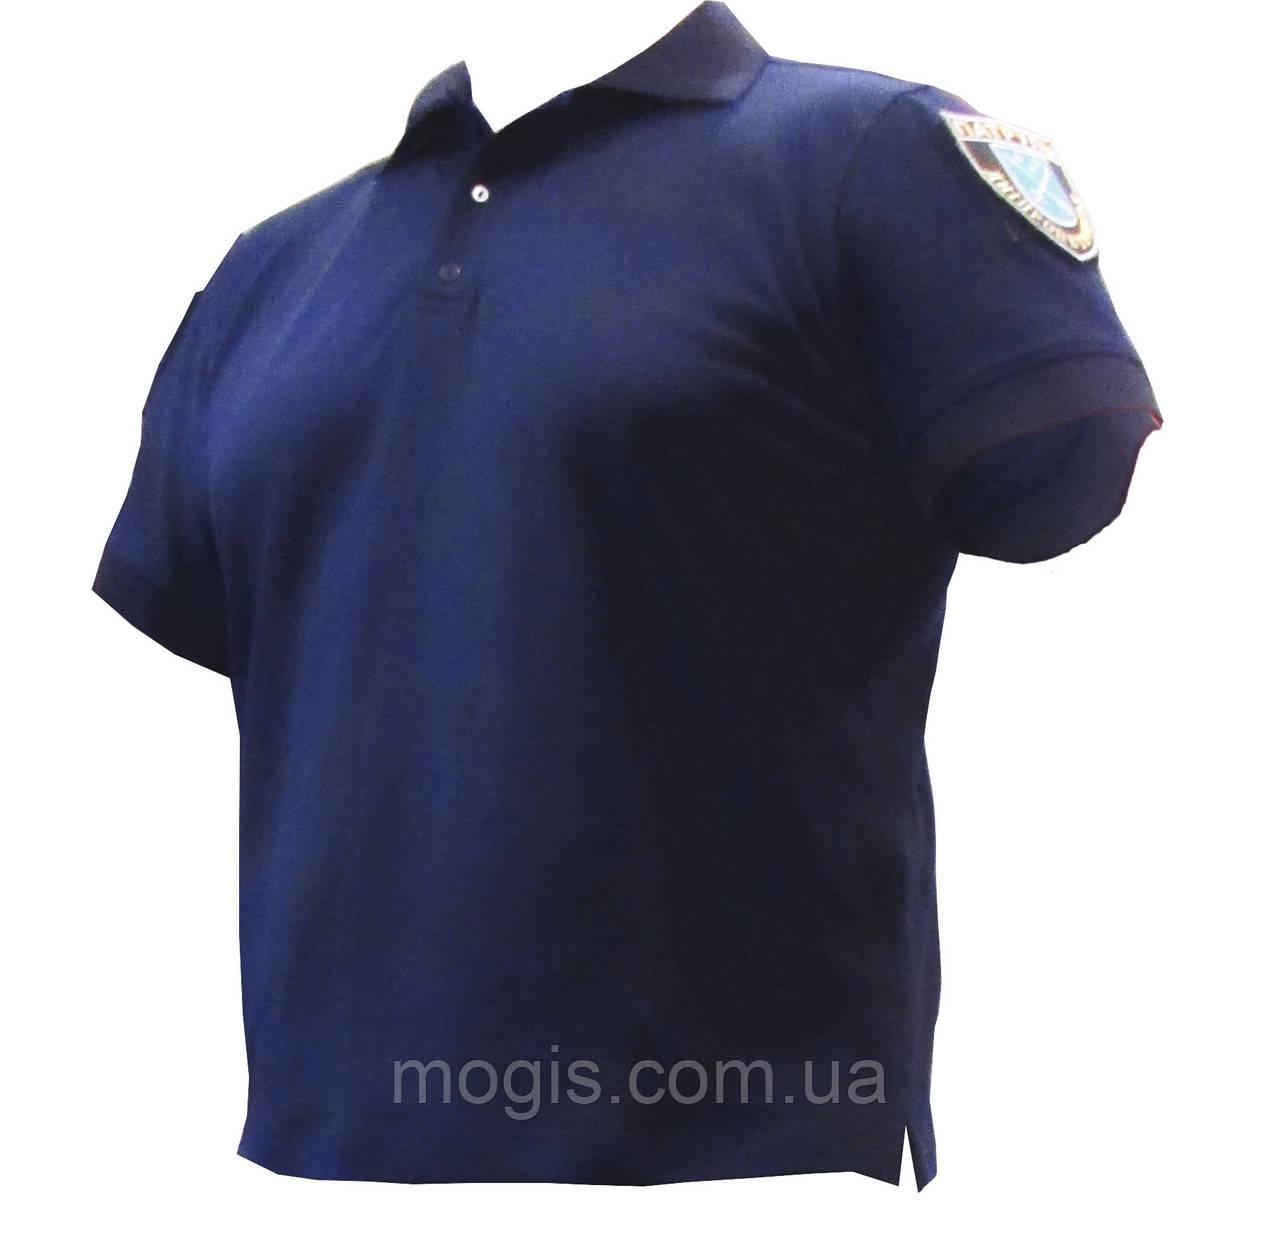 """Тенниска """"Поло"""" для полиции с карманчиком и петлей под жетон(цвет воронье крыло,темносиний)"""